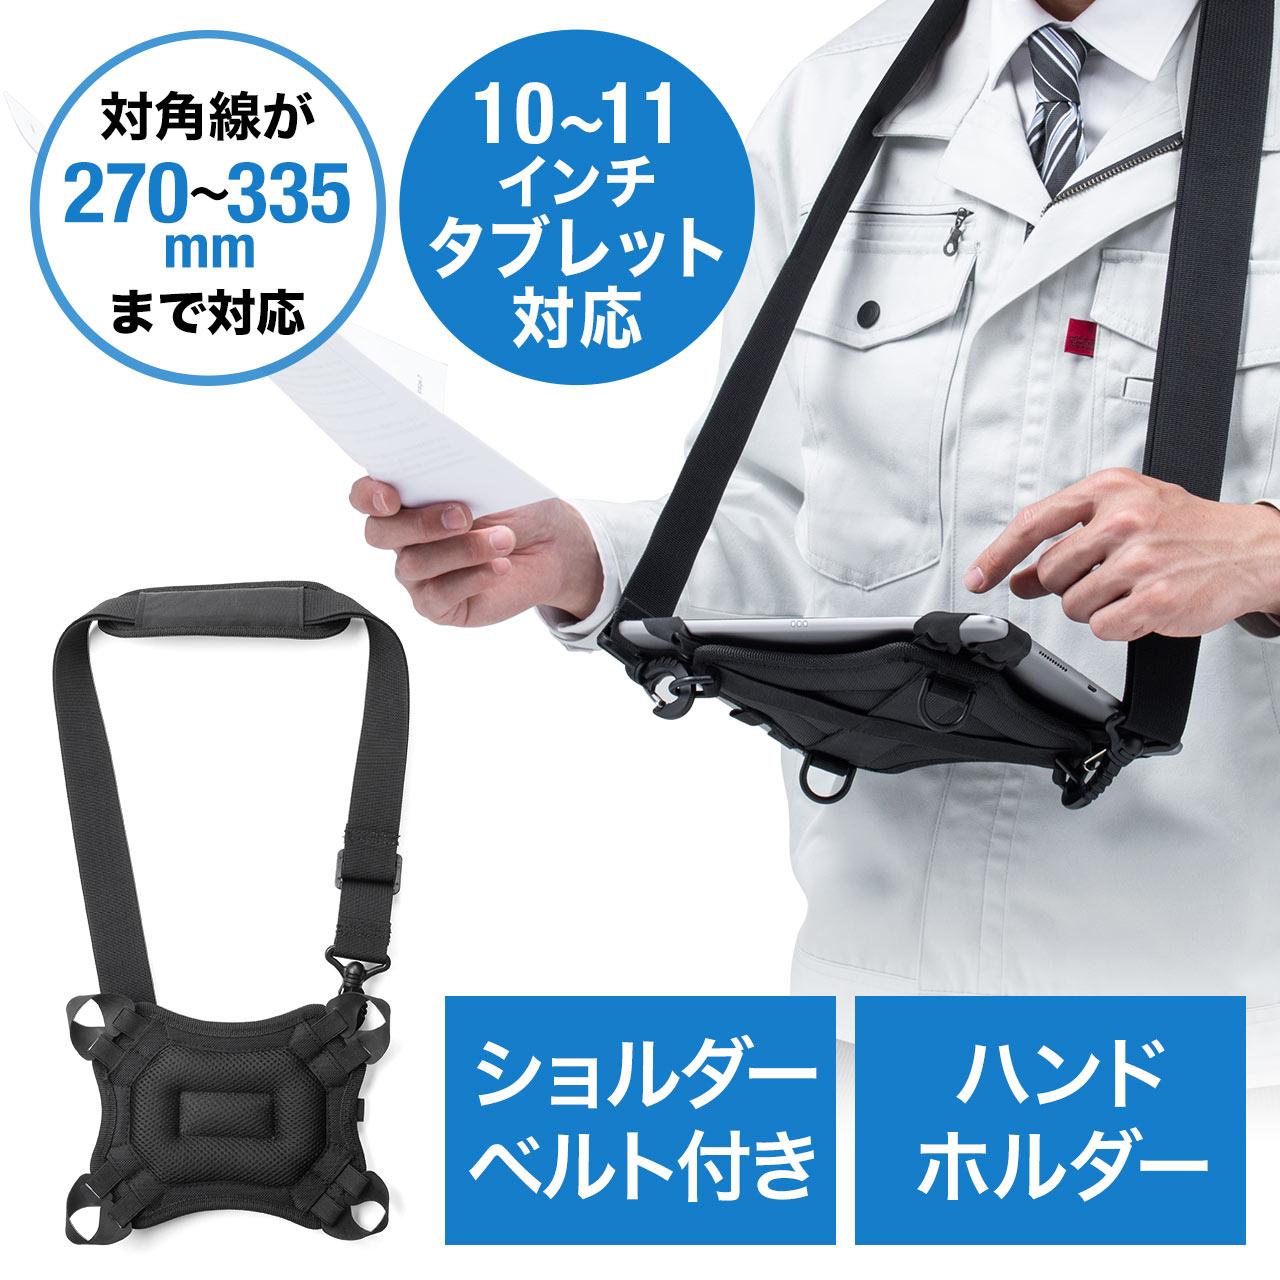 Air 4 ipad 世代 第